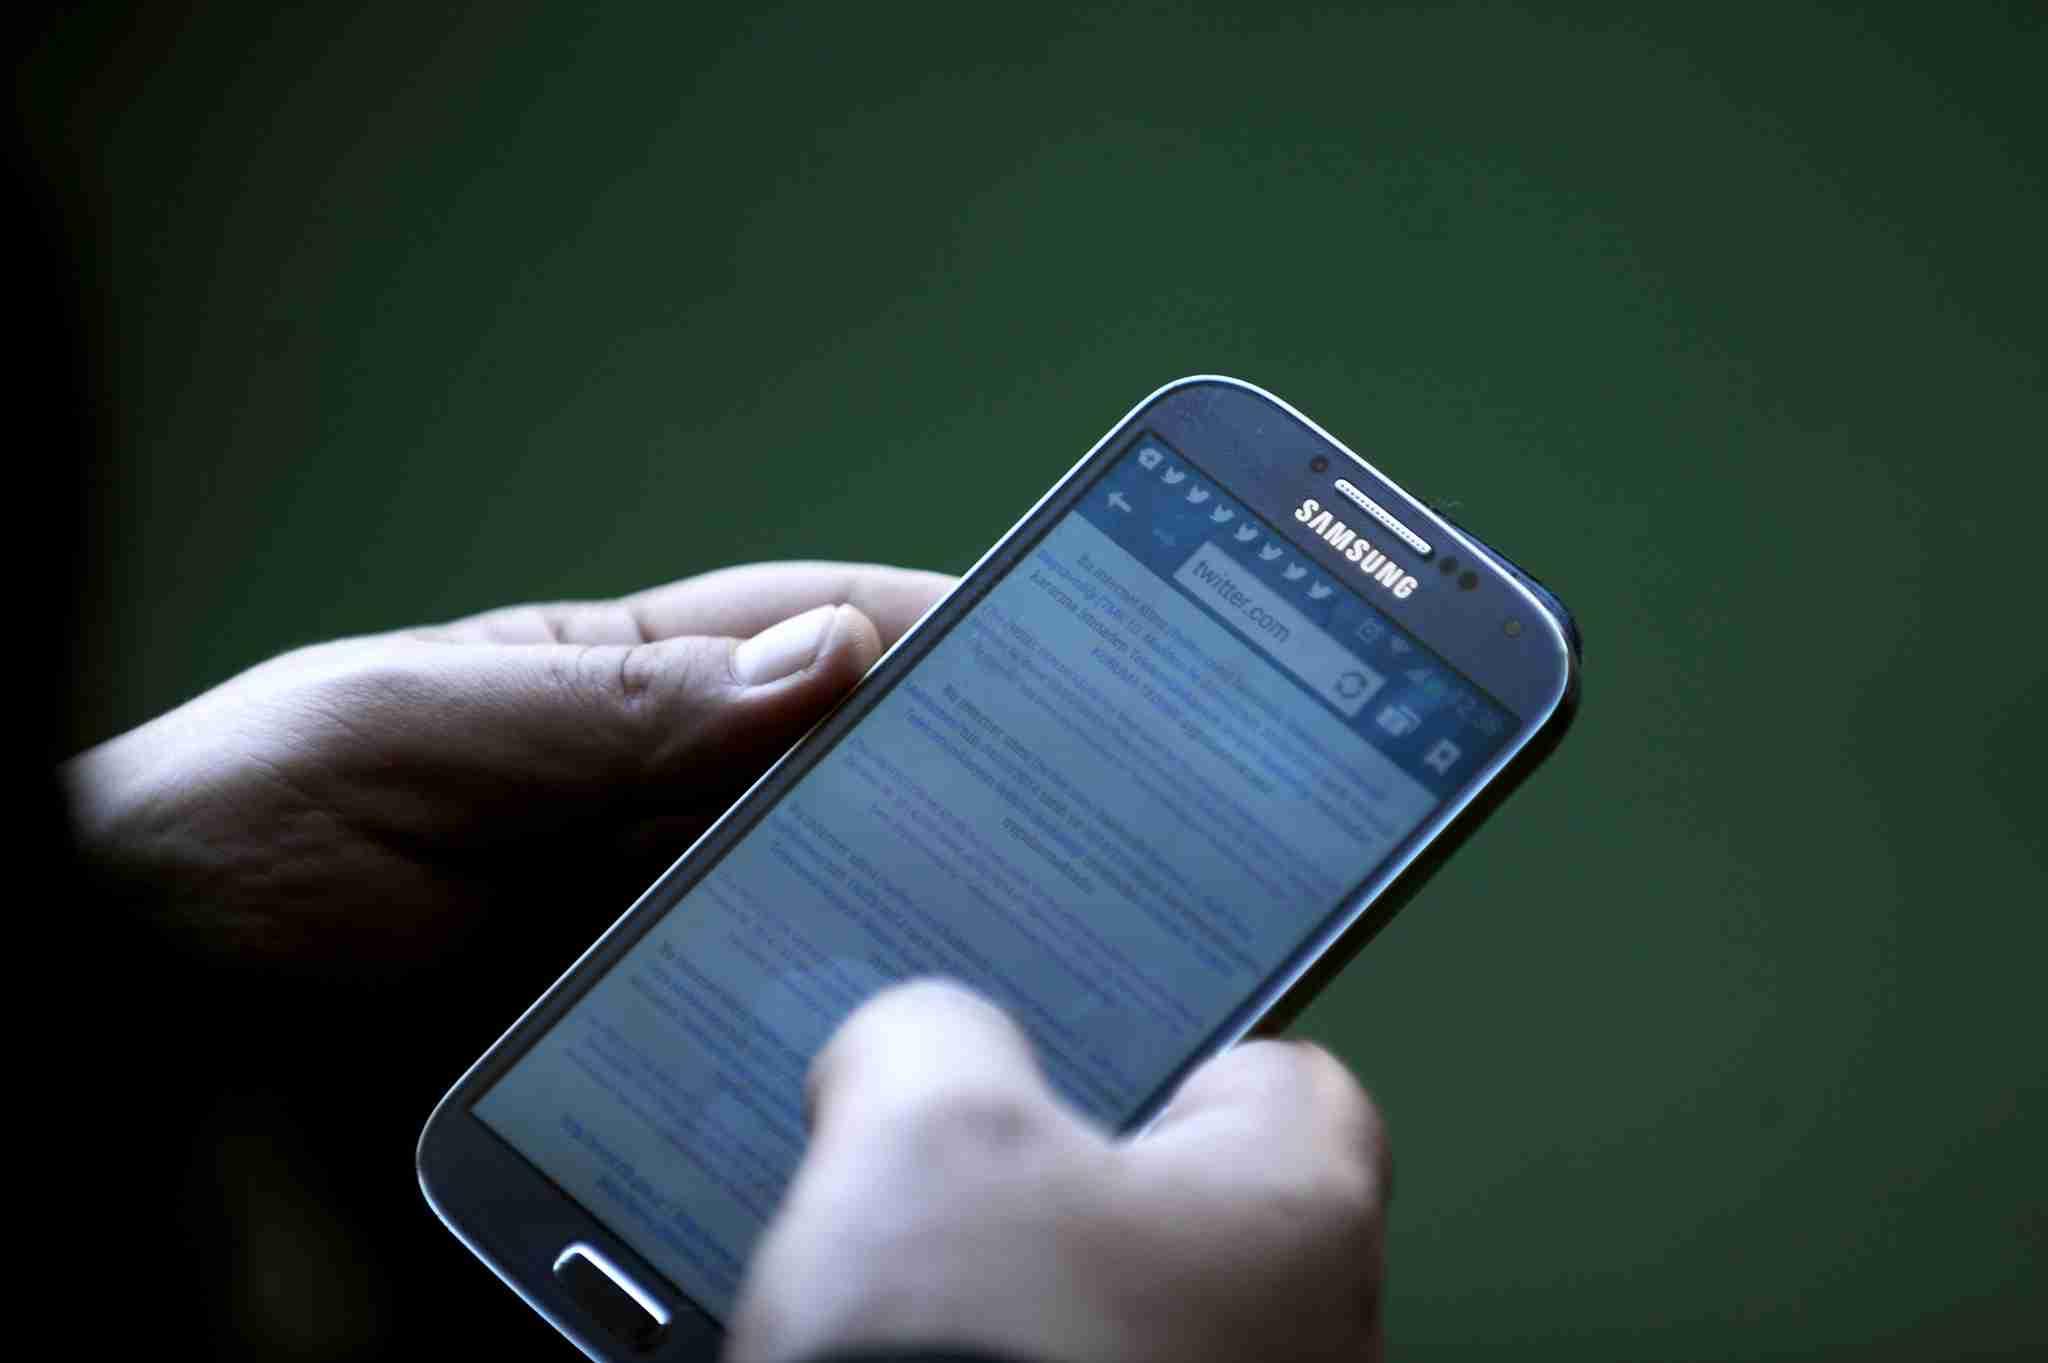 テレ朝支局長、同業者150人登録のLINEに下半身画像を投稿 (AFP=時事) - Yahoo!ニュース